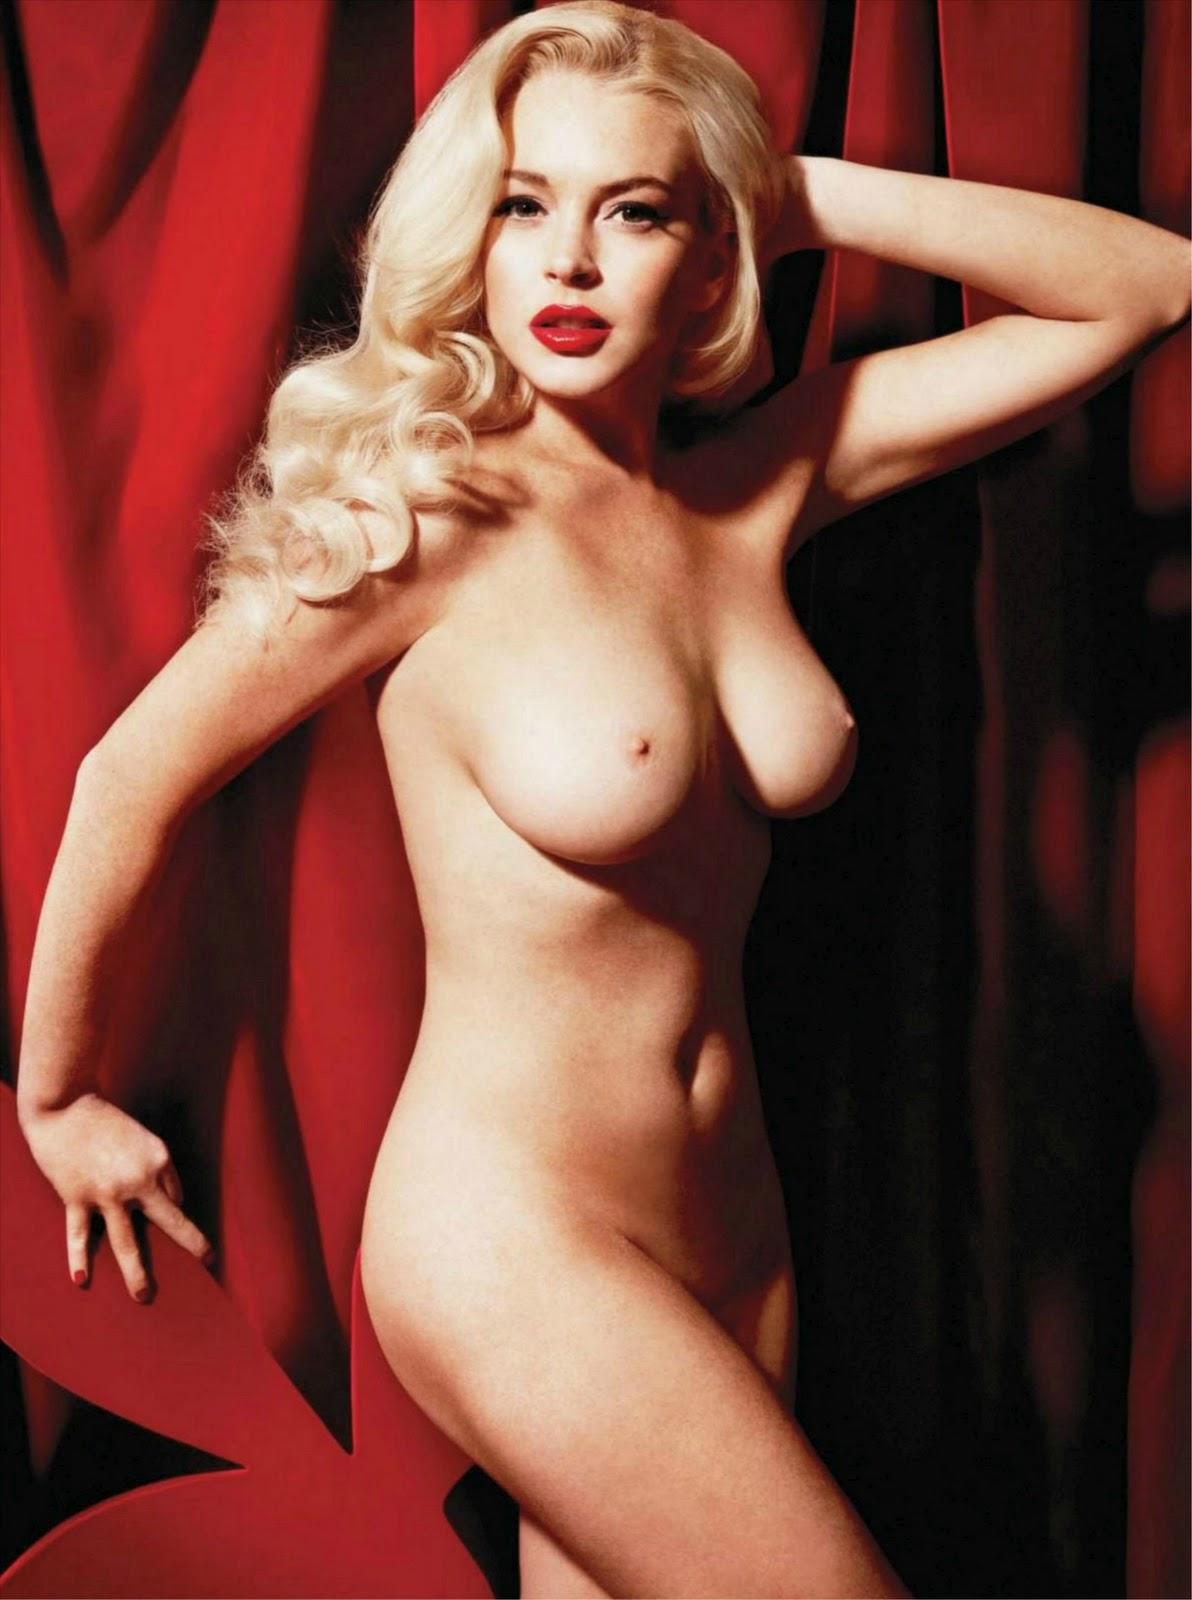 Lindsay Lohan Nude And Topless 18